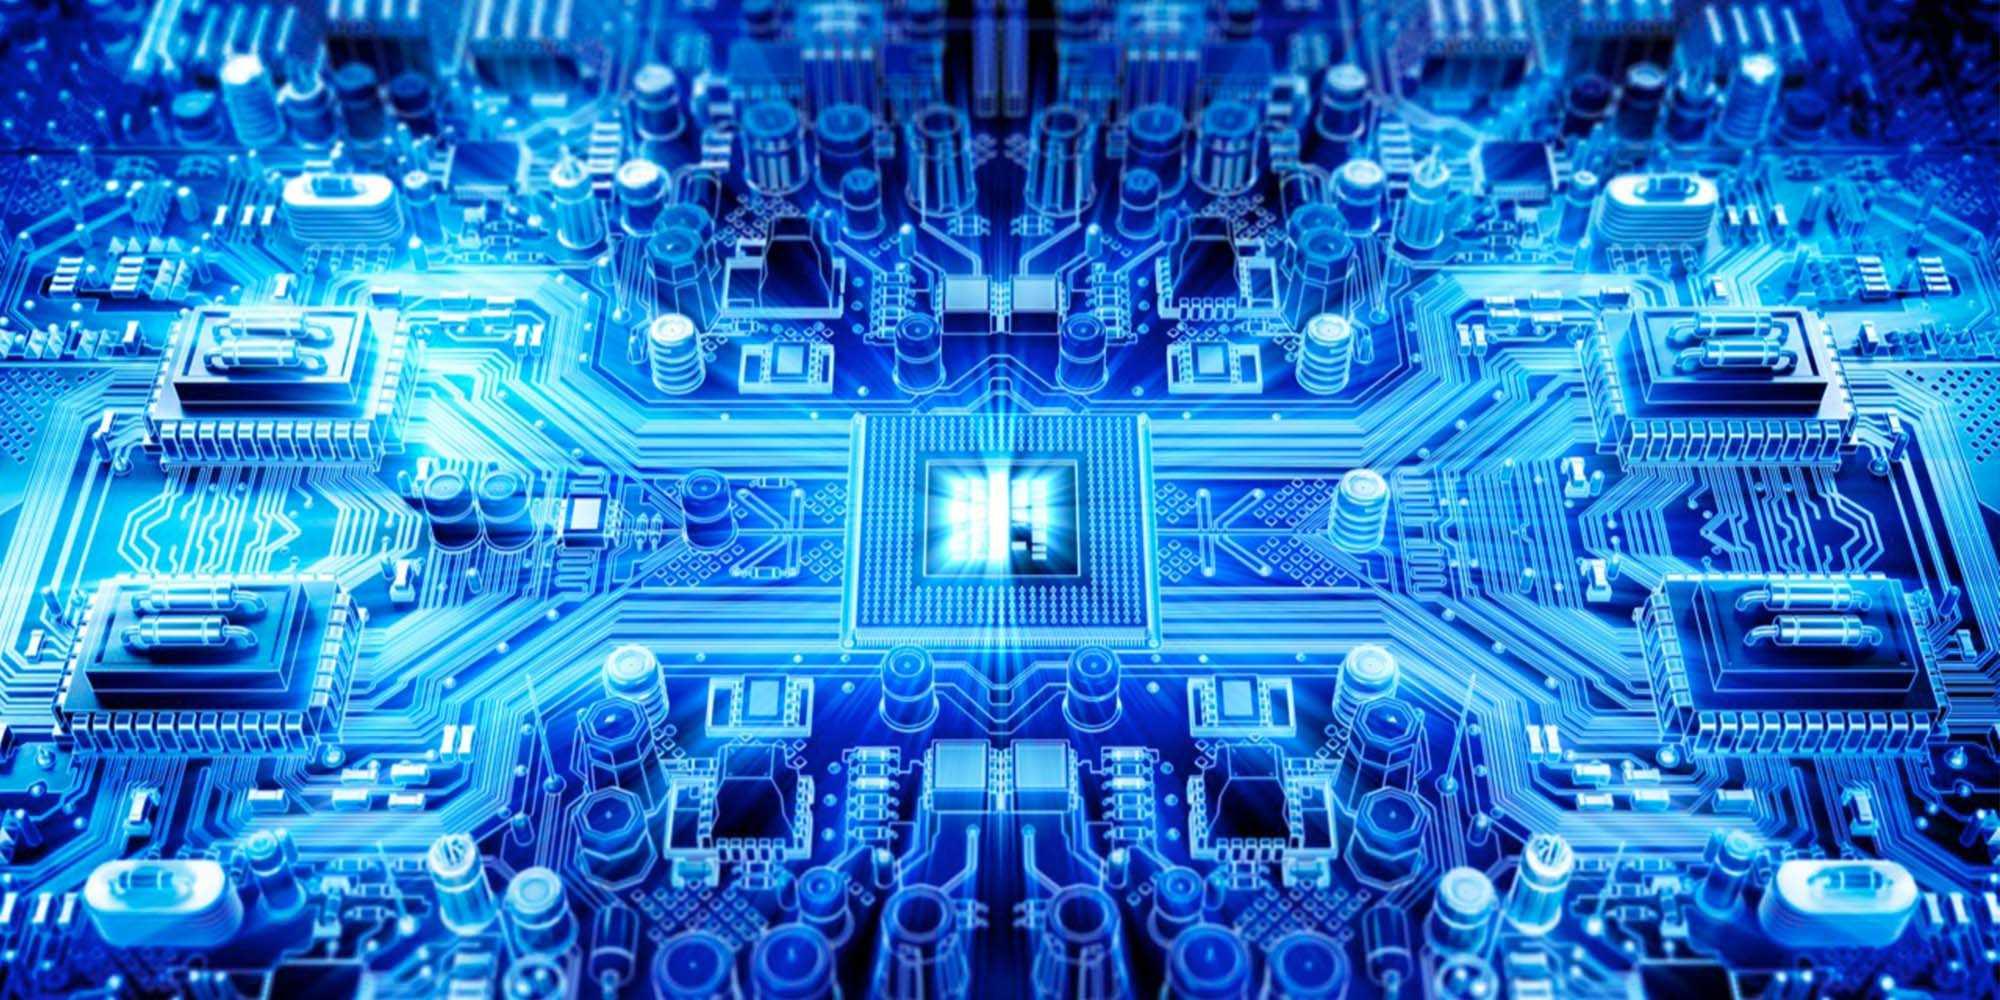 Gelecekte Teknoloji sayesinde Dünya nasıl değişecek?